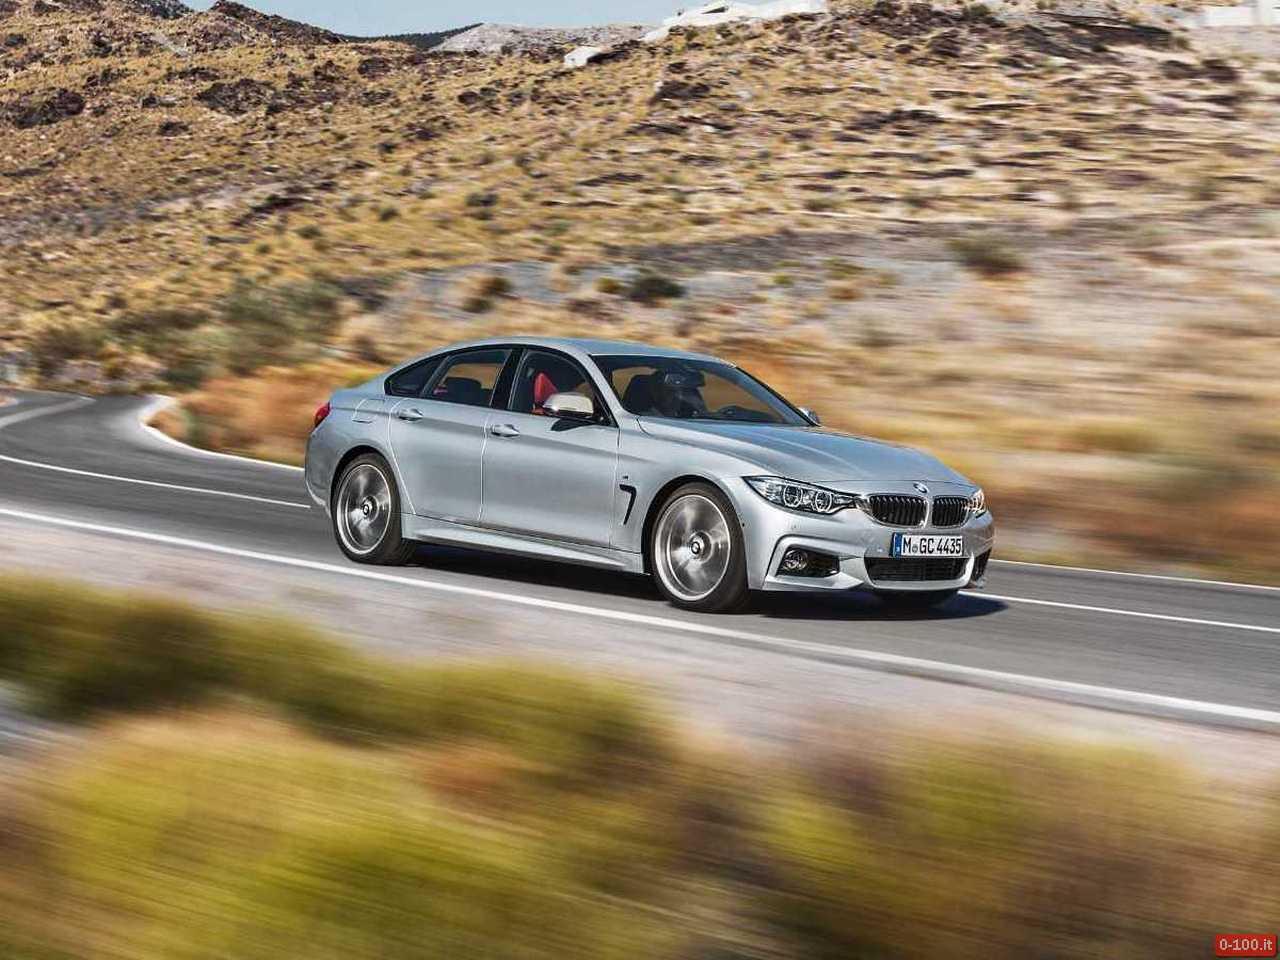 bmw-serie-4-gran-coupe-prezzo-price-ginevra-geneve-2014-0-100_16